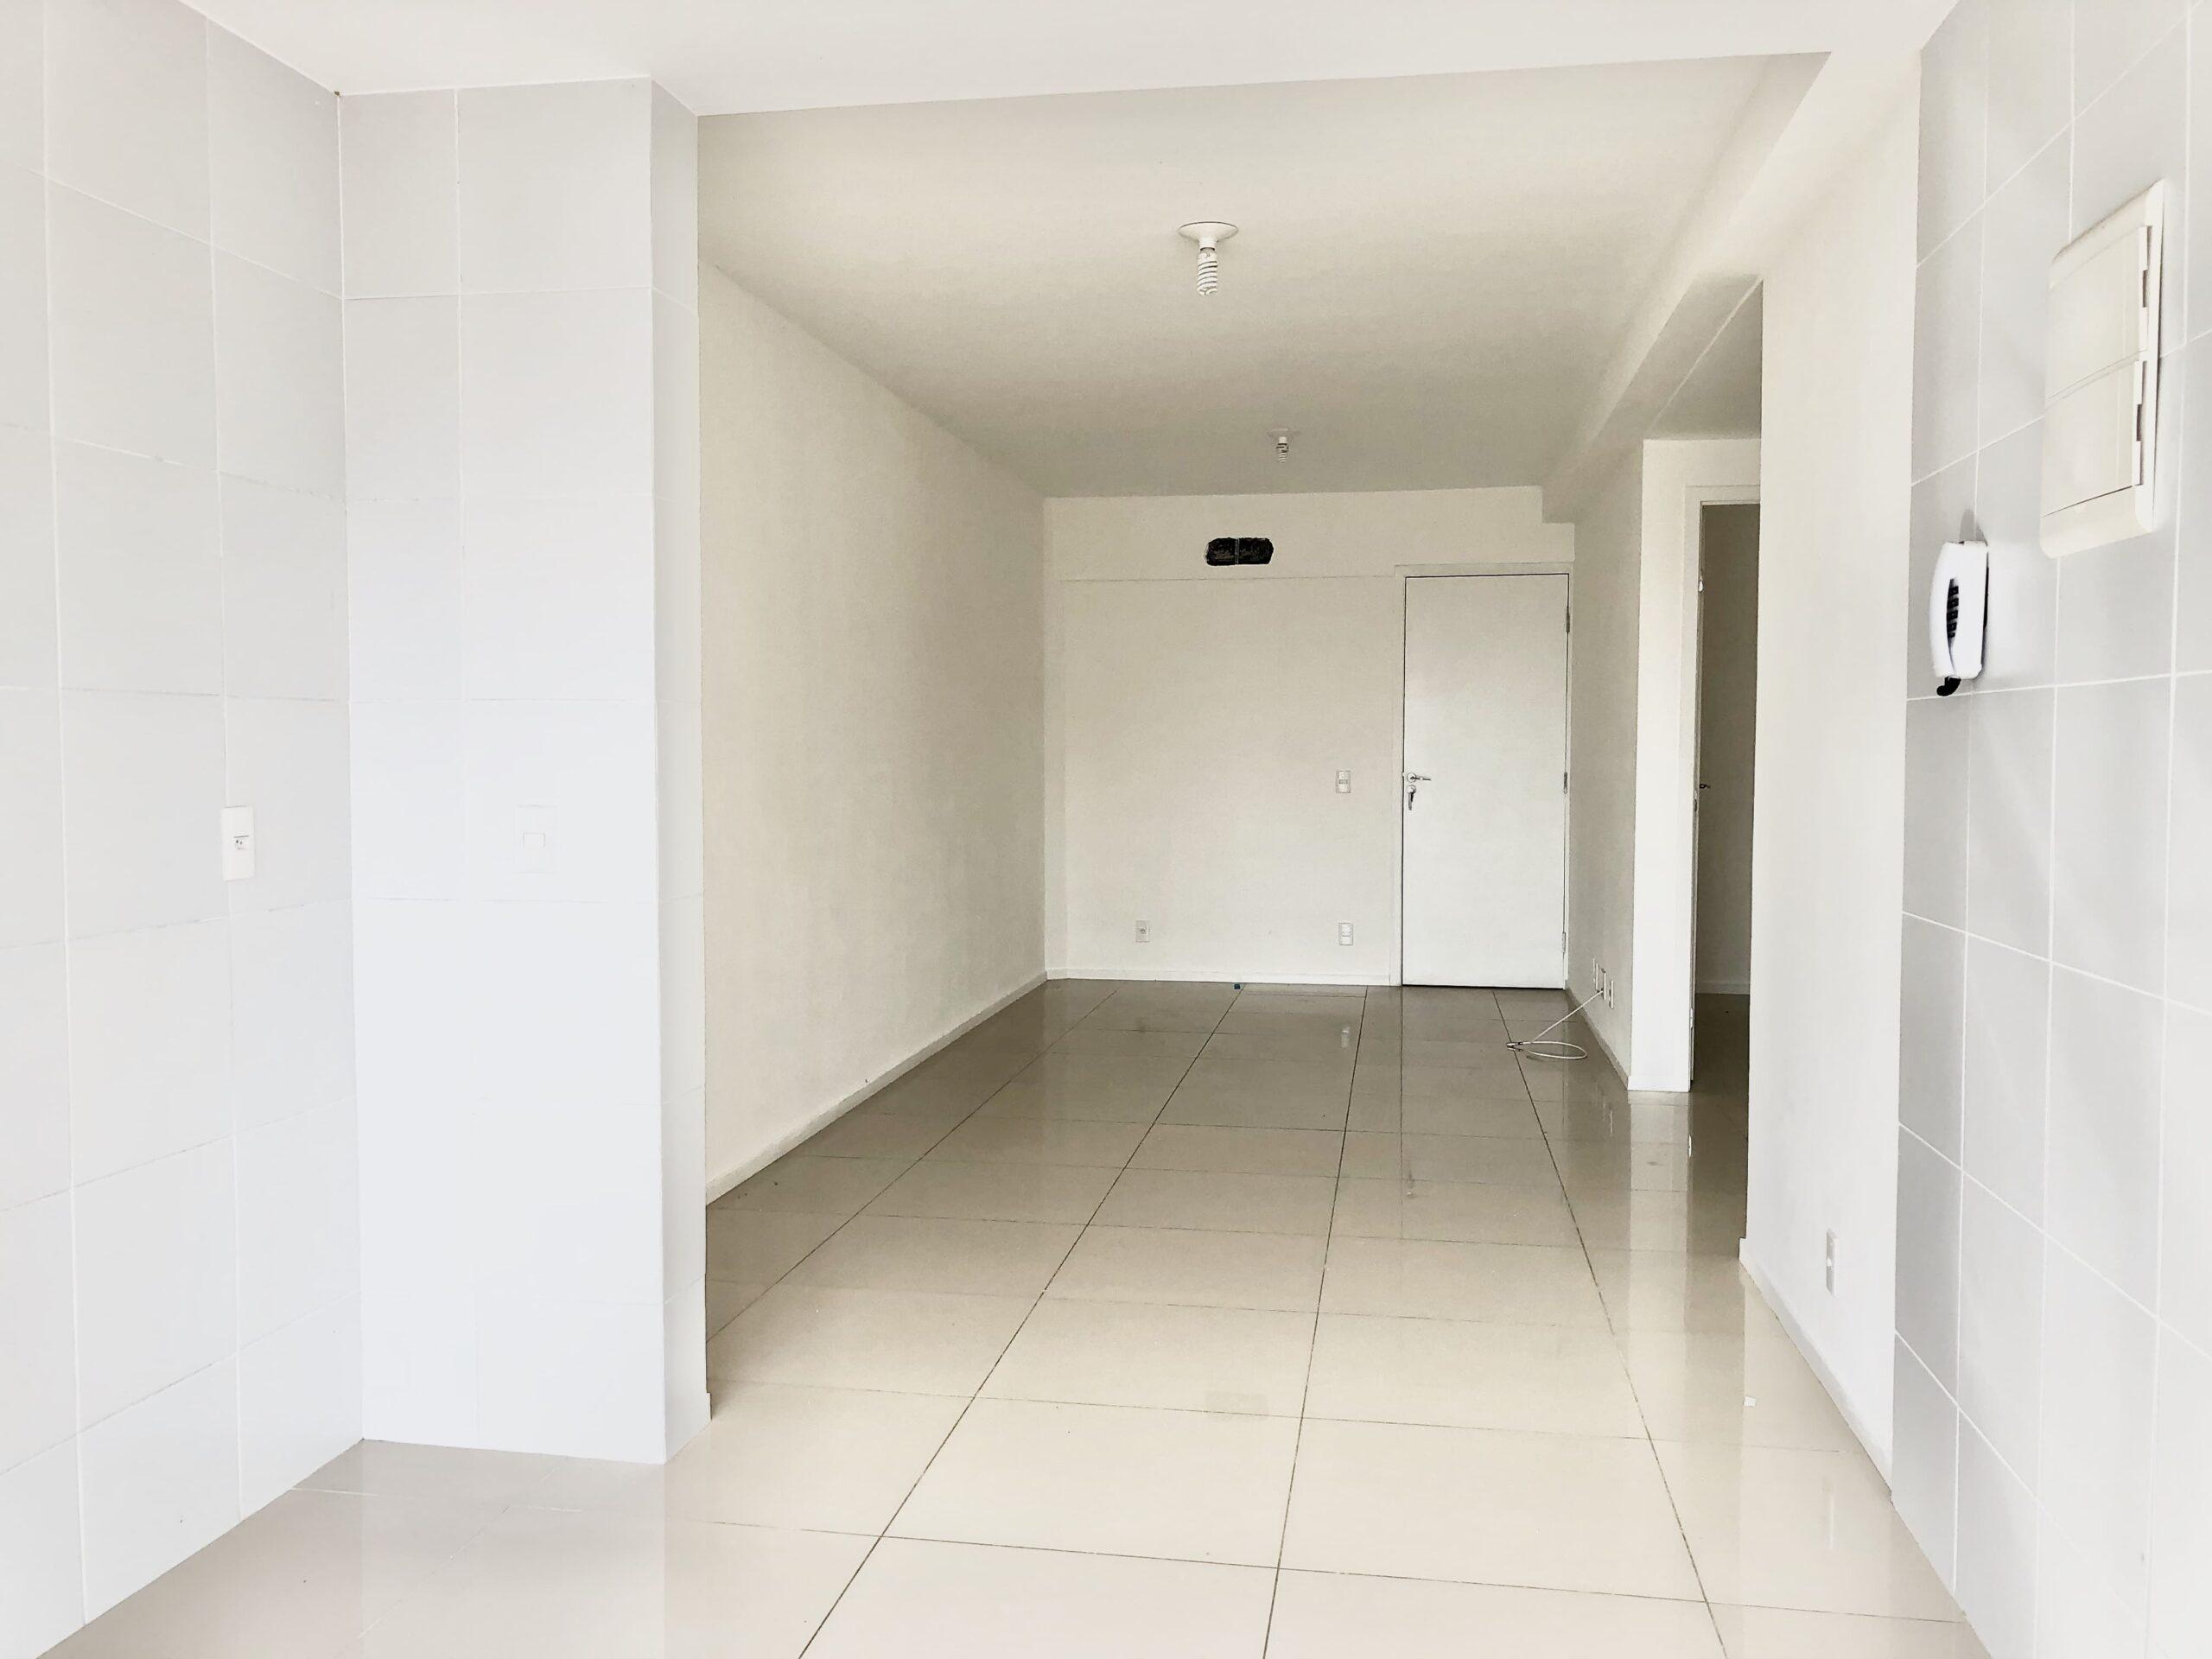 1 Apartamento para venda no Edifício Recanto das Palmeiras Teresina,3 Quartos, sendo 1 suíte, banheiro social, 1 vaga, piso em porcelanato